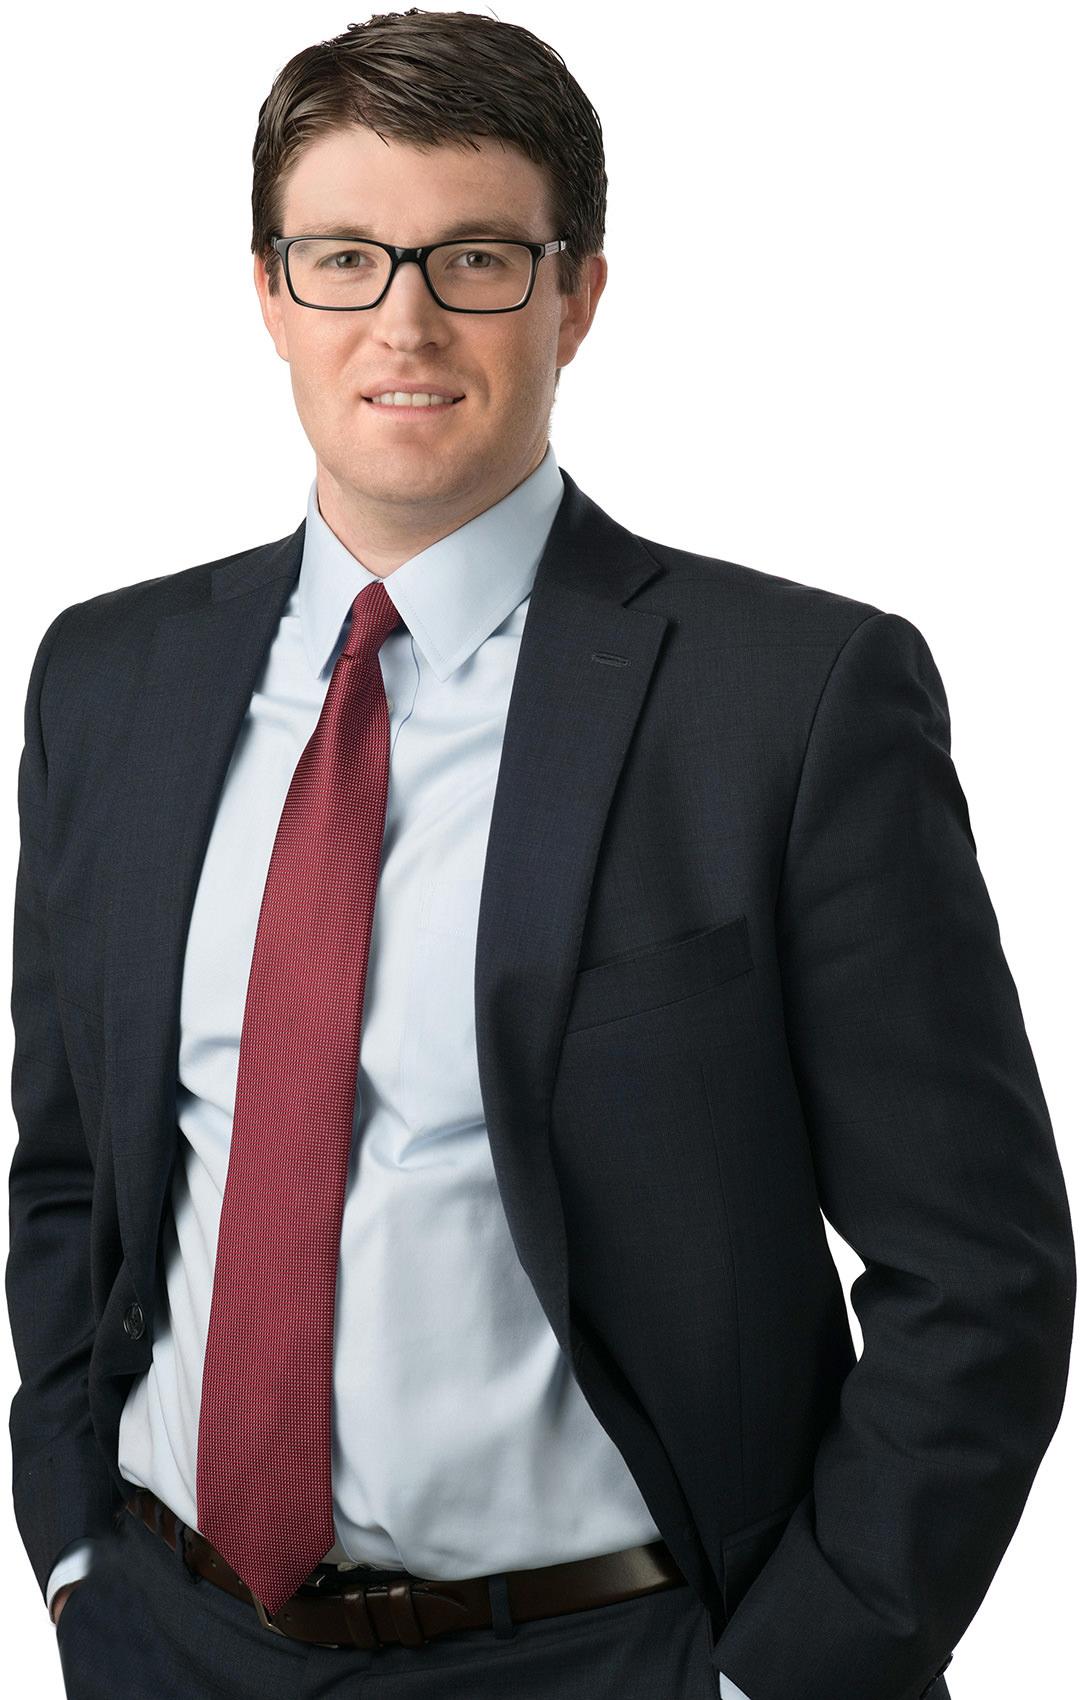 Peter L. Munk